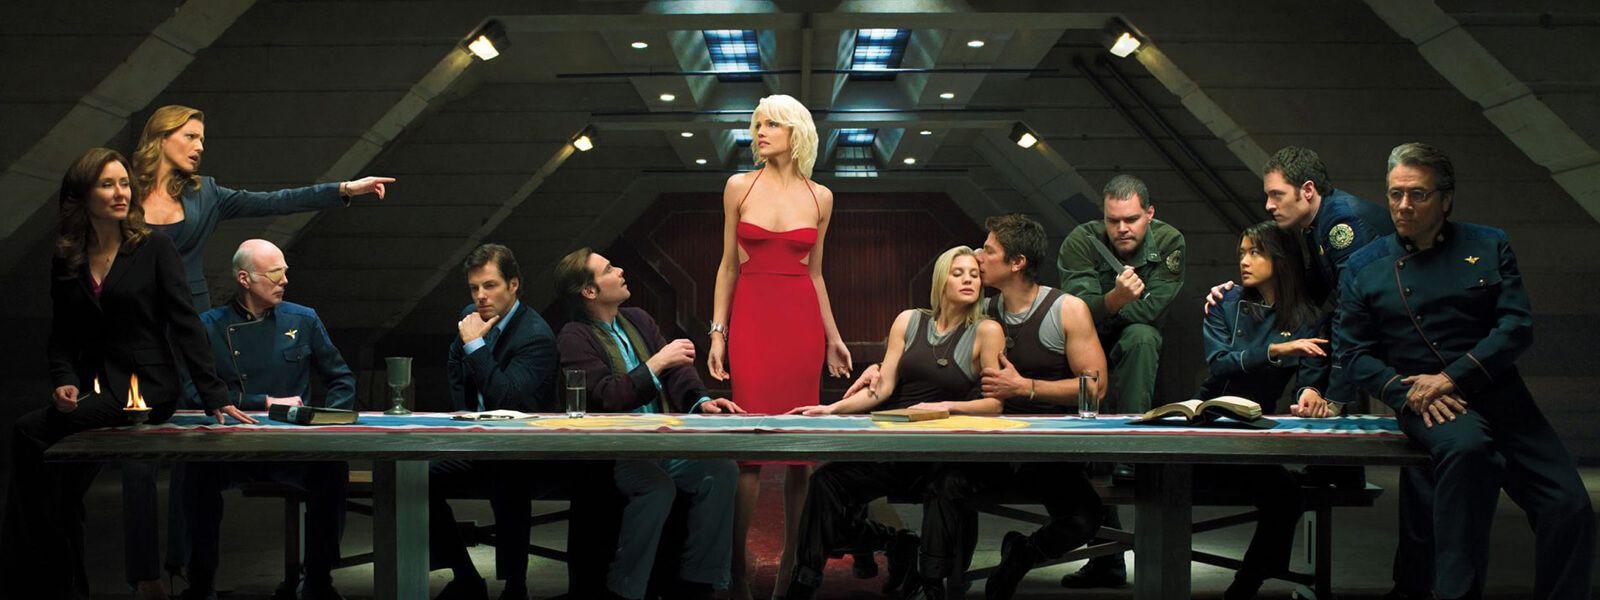 Aunque Battlestar Galactica tuvo su primera versión en 1978, fue esta, iniciada en 2004, la que me cautivó.